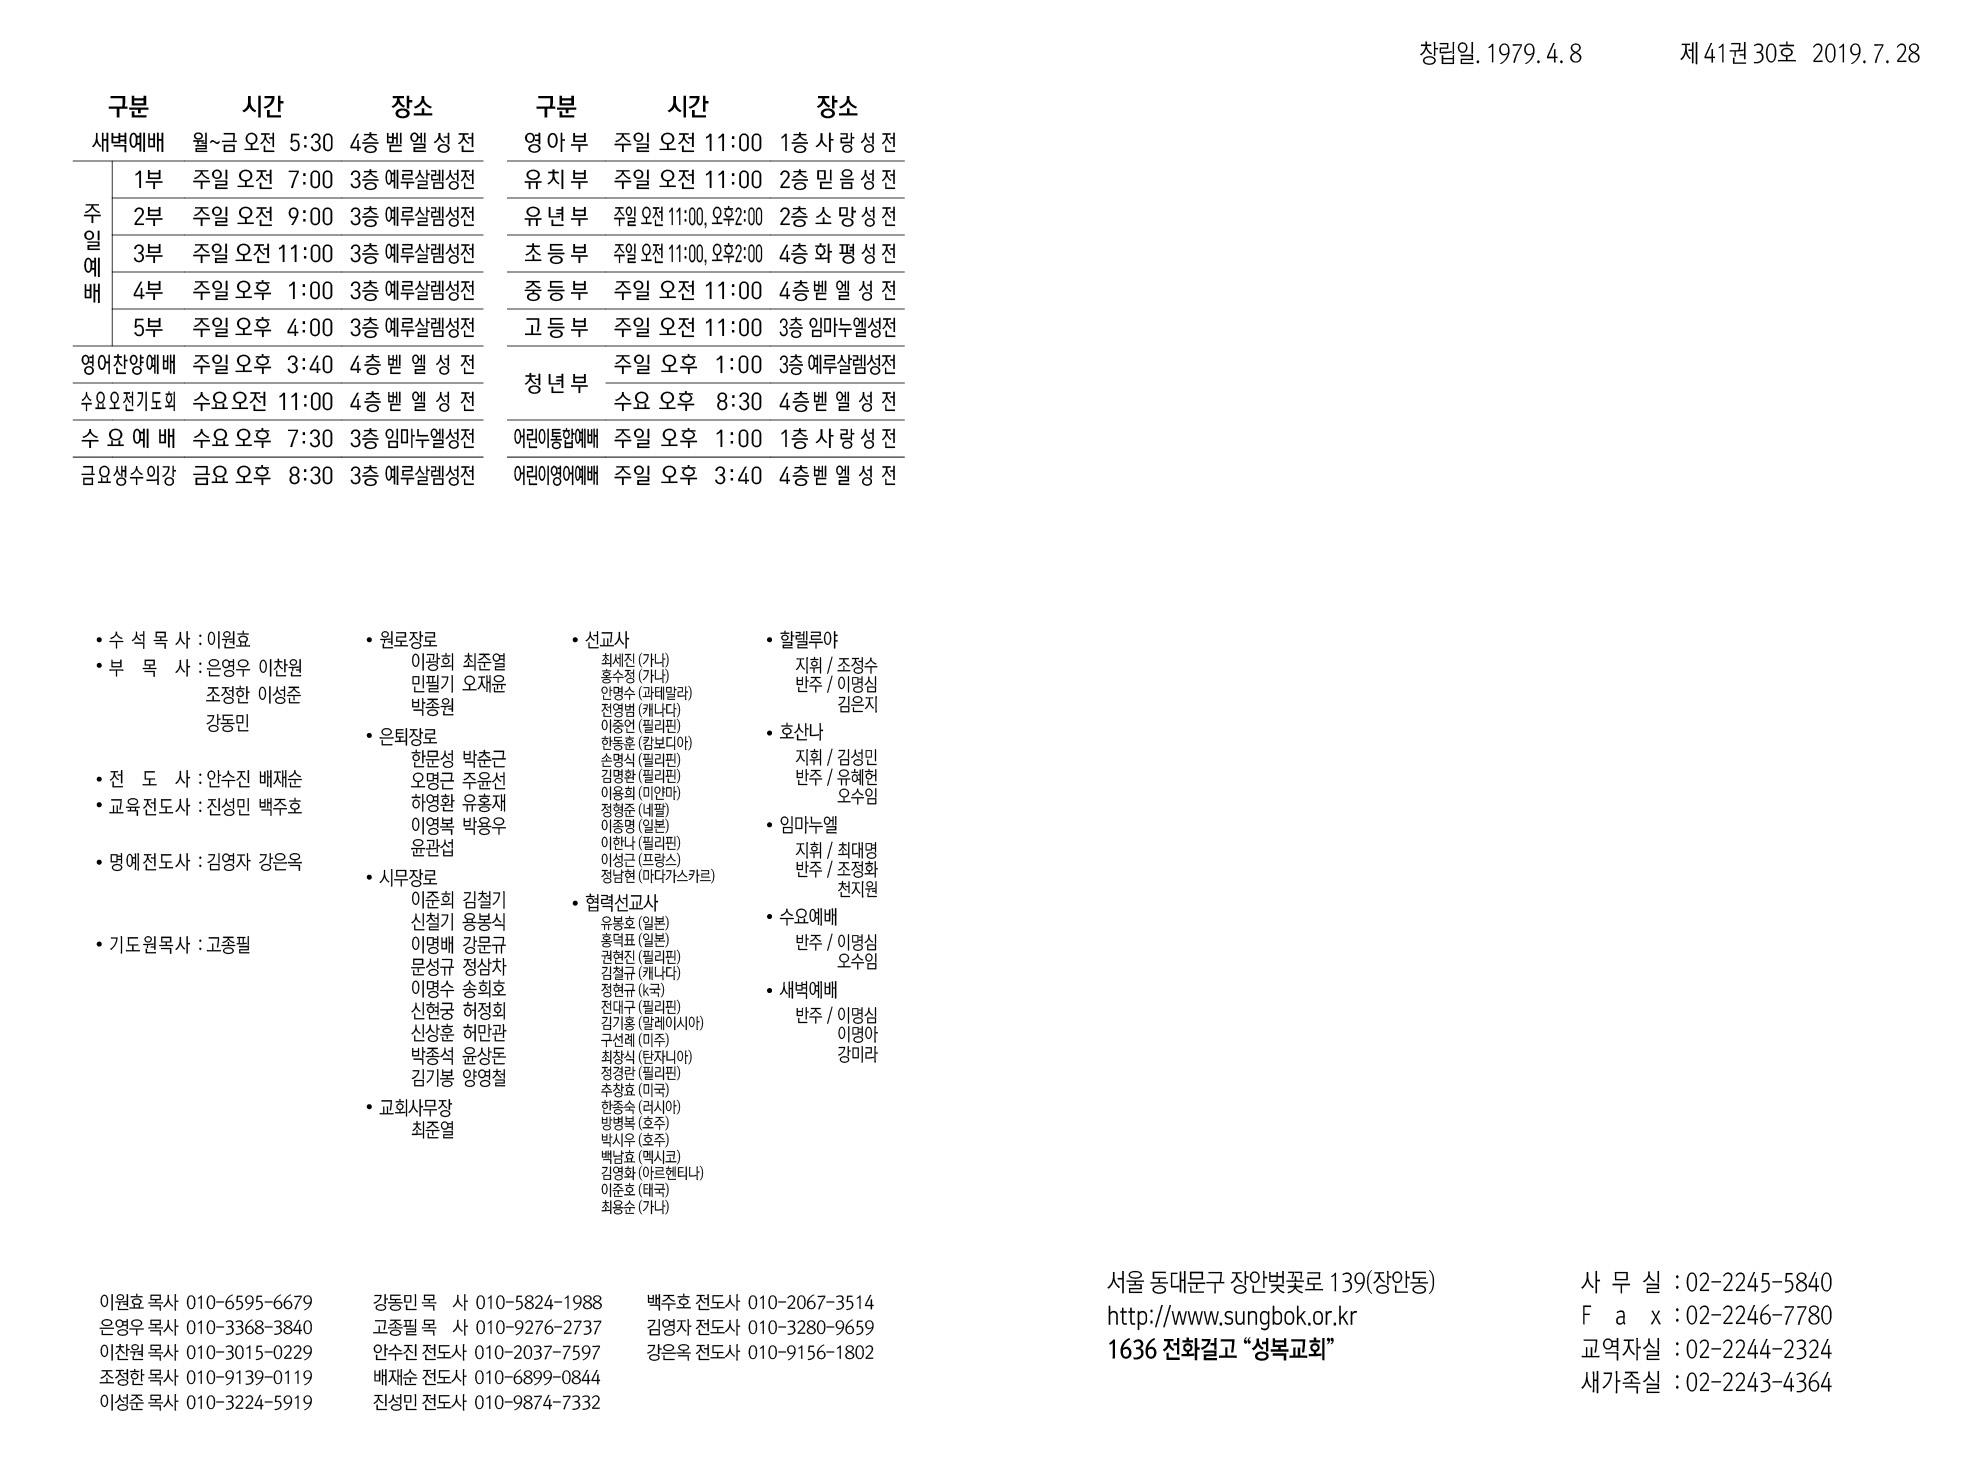 49fa66280a0f662ca0feb17f43f0d72e.jpg